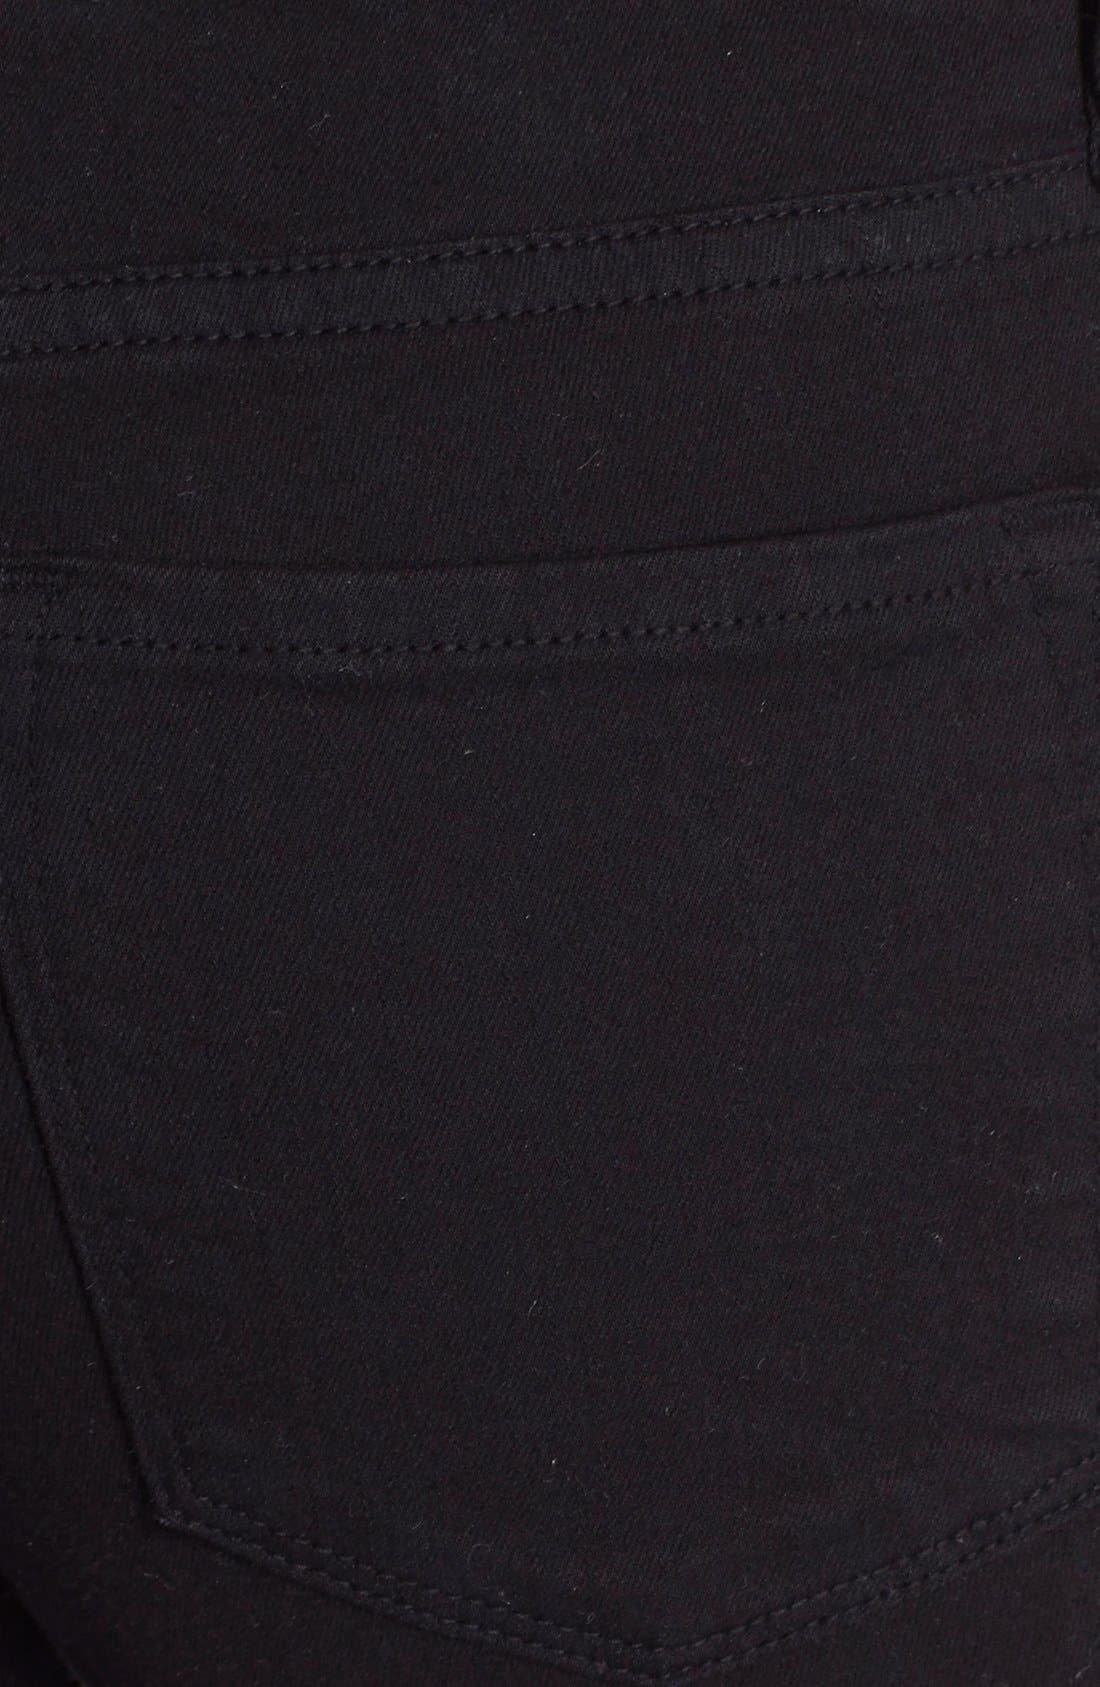 Alternate Image 3  - Frame Denim 'Le Color Crop' Skinny Jeans